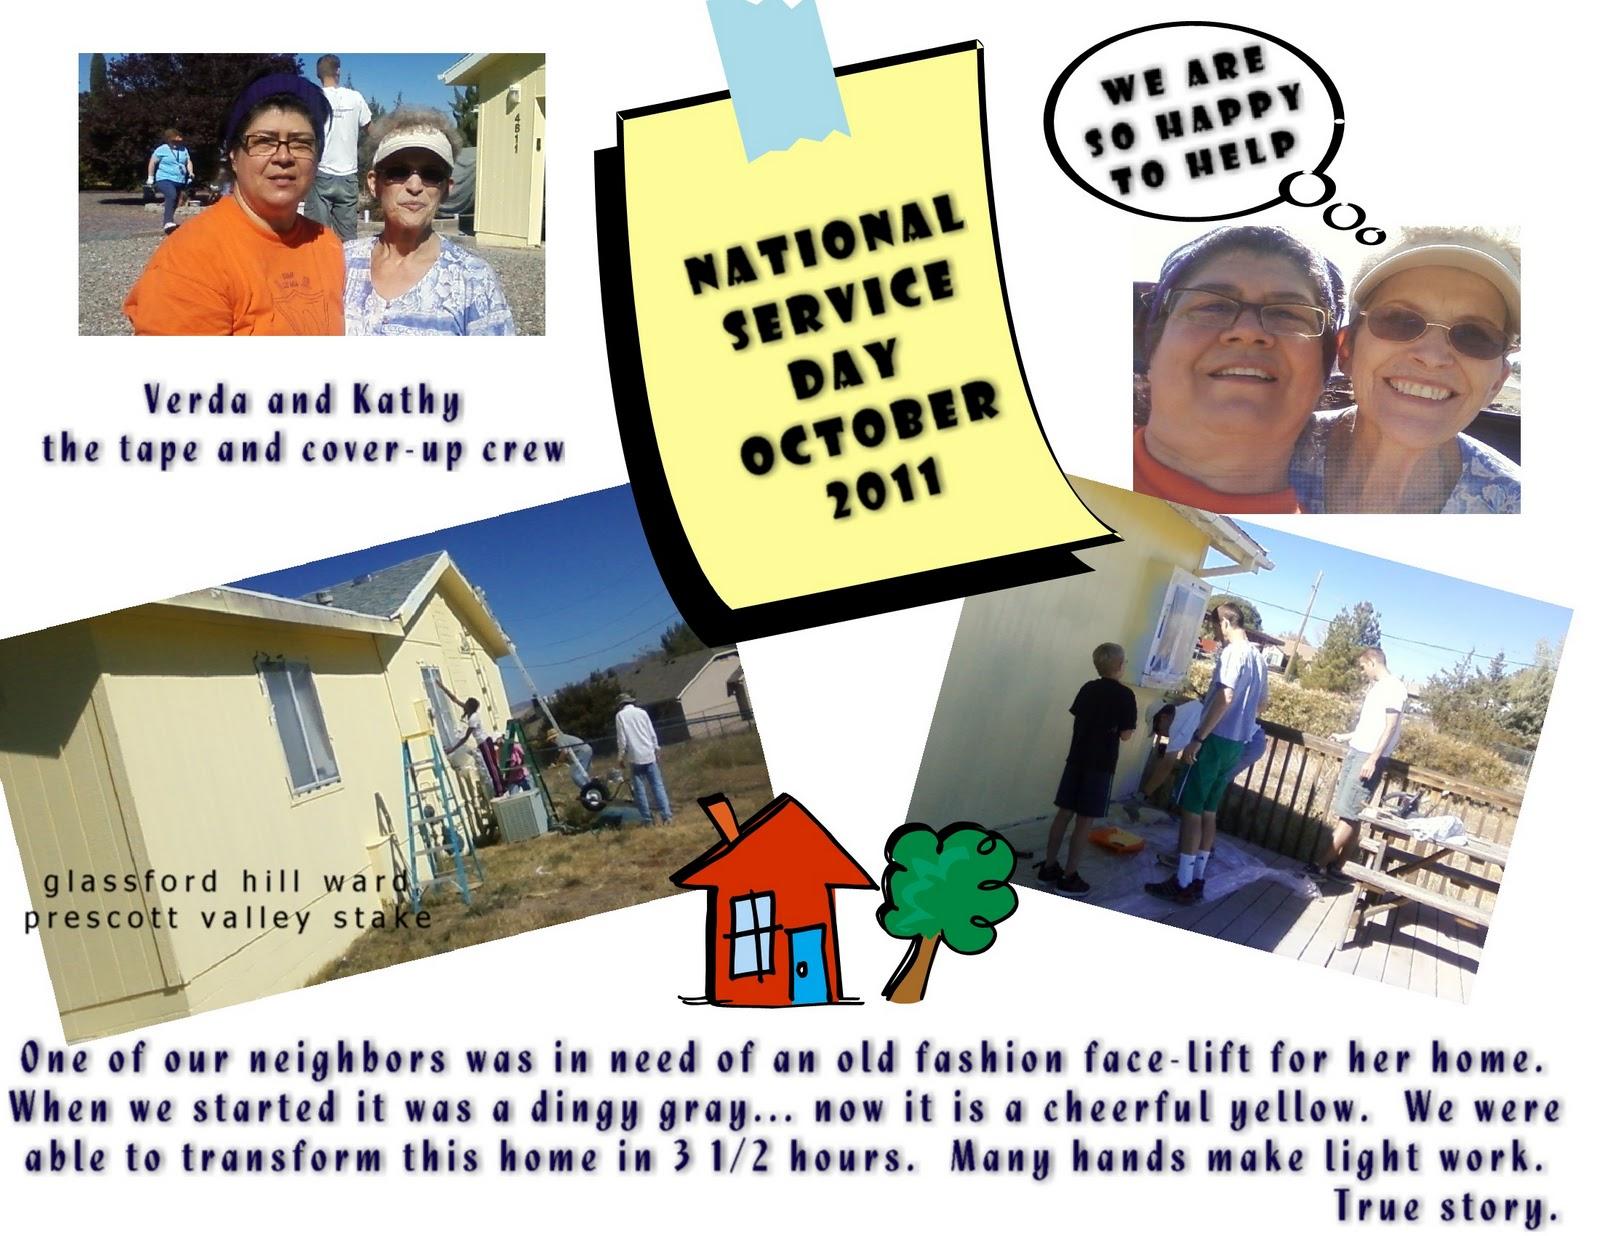 http://3.bp.blogspot.com/-Unh3J7DA_tE/TqOzeDVd4PI/AAAAAAAABSk/gcbkFBw_lP0/s1600/national+service+day.JPG